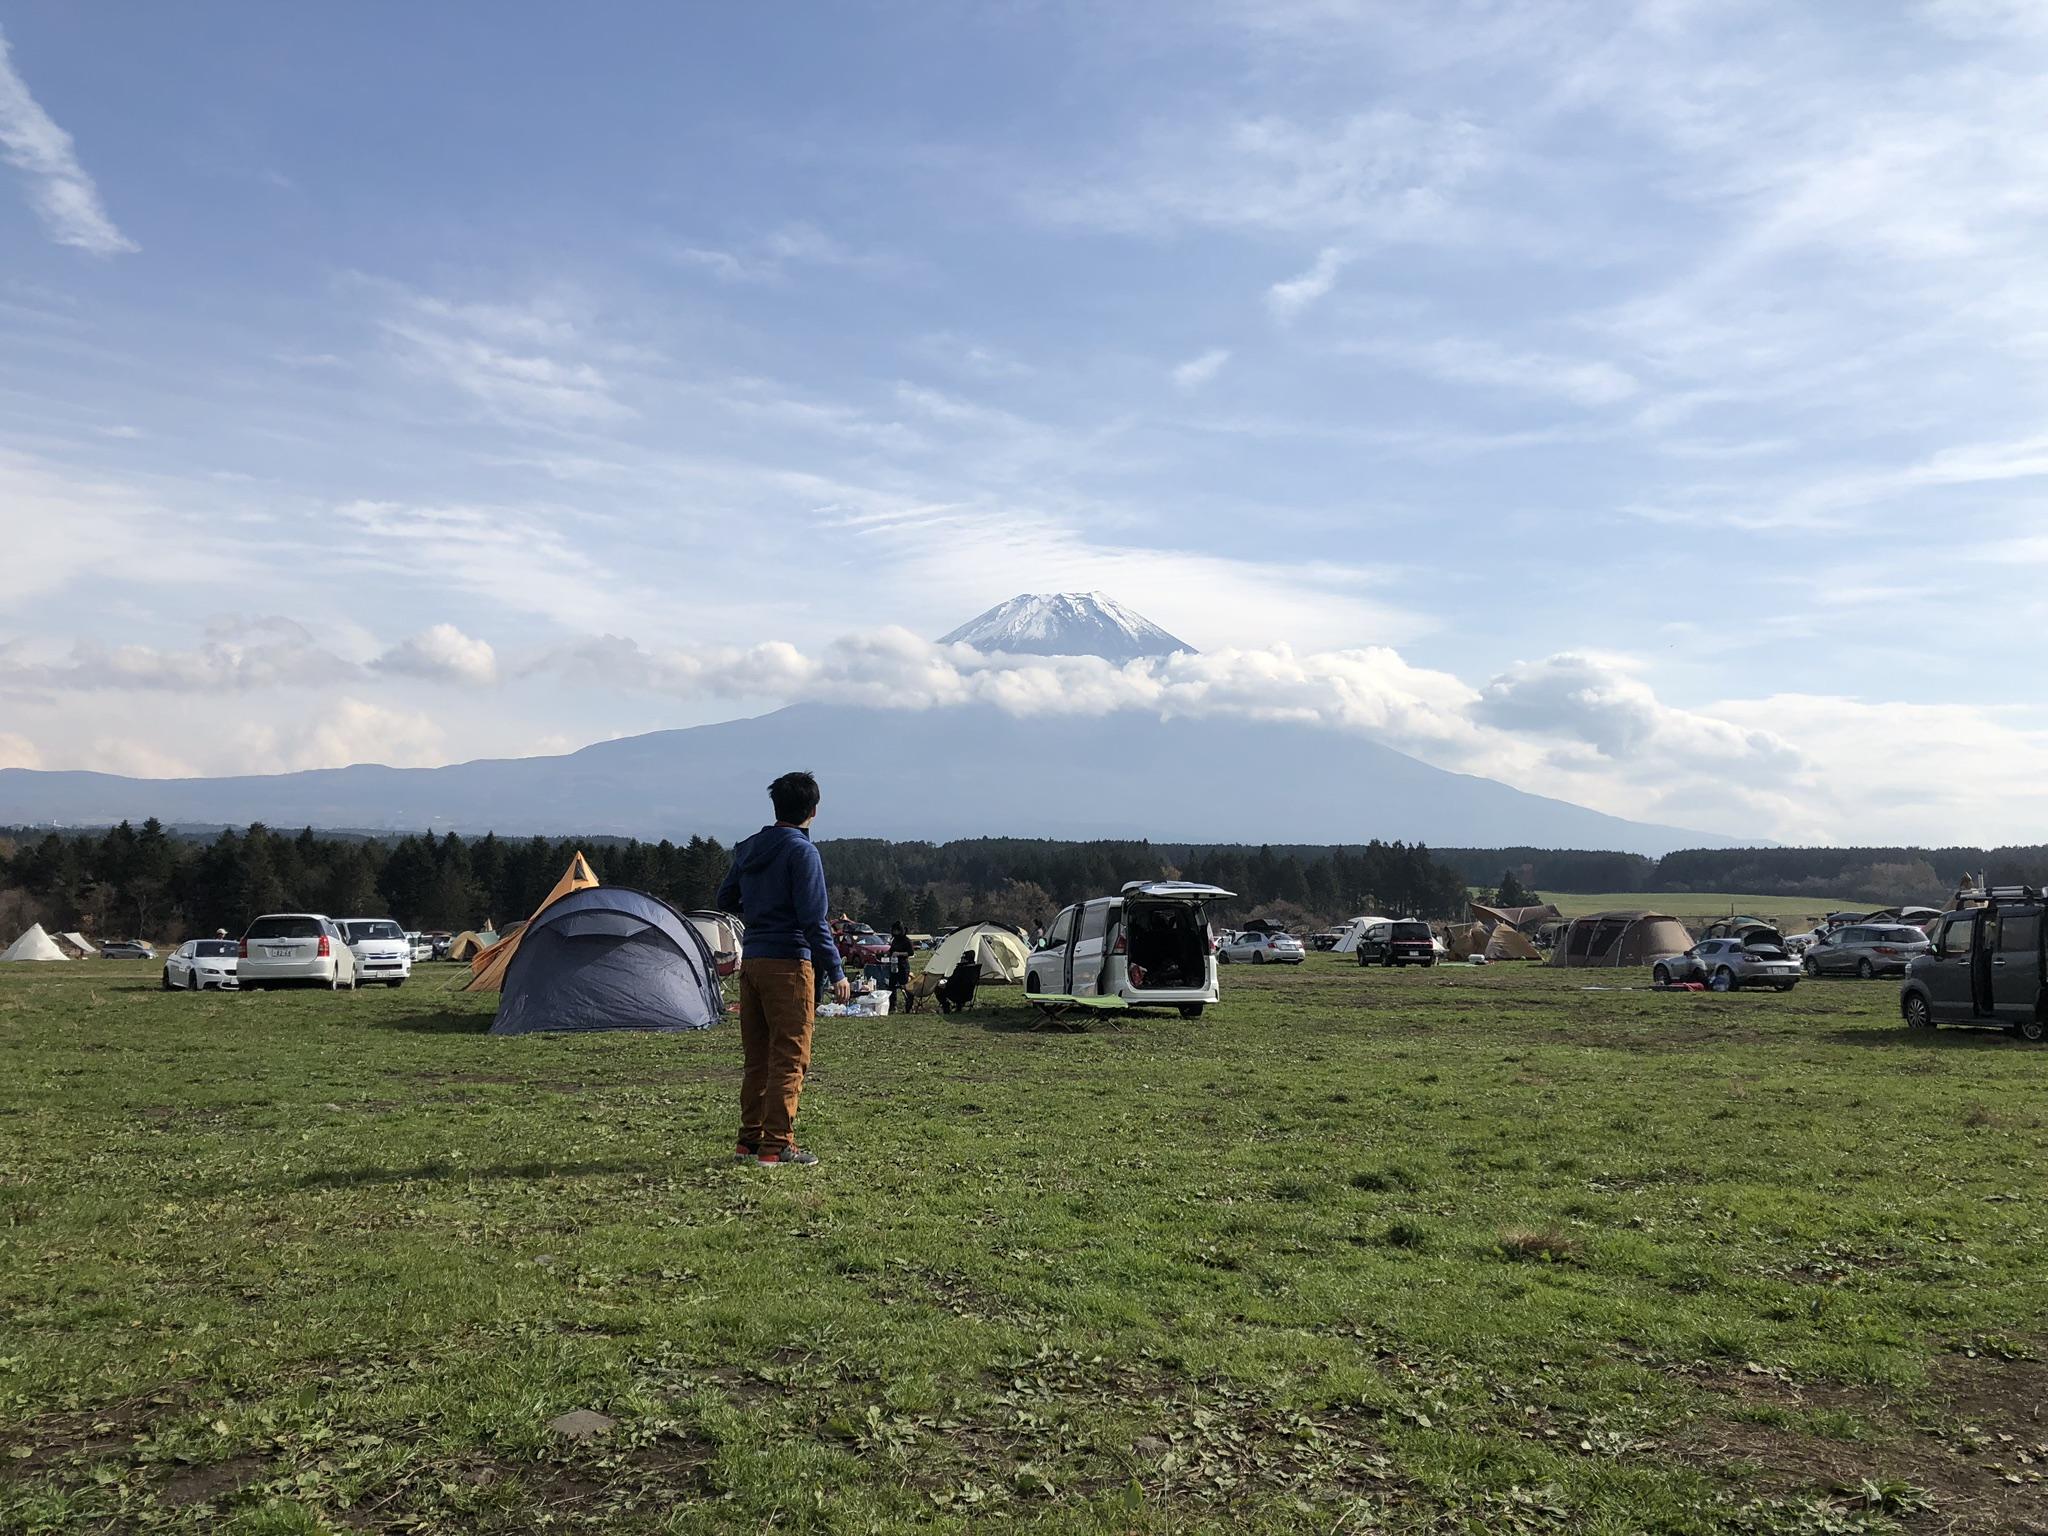 キャンプ場からの景色